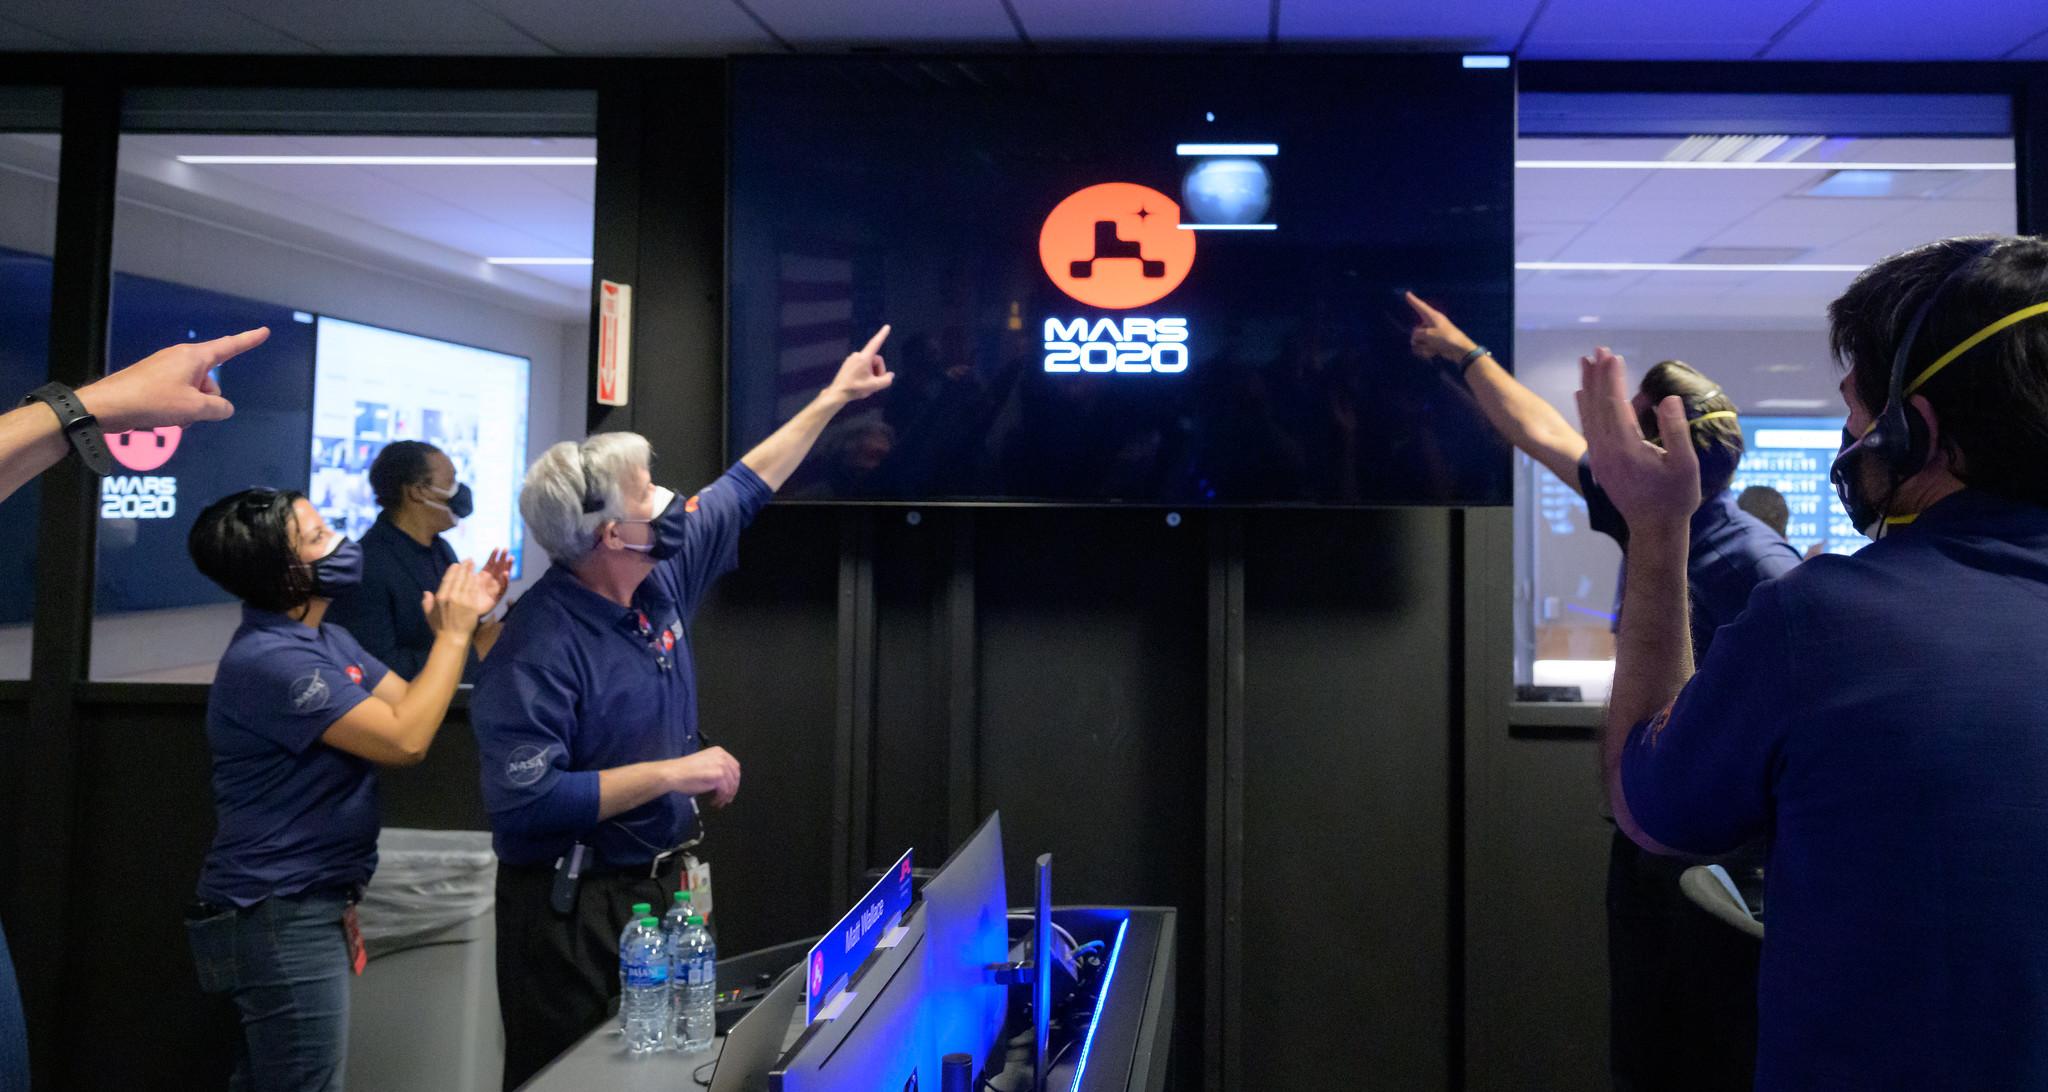 Des membres de l'équipe de rover Perseverance Mars de la NASA assistent au contrôle de mission alors que les premières images arrivent quelques instants après que le vaisseau spatial a atterri avec succès sur Mars, le jeudi 18 février 2021, au Jet Propulsion Laboratory de la NASA à Pasadena, en Californie.